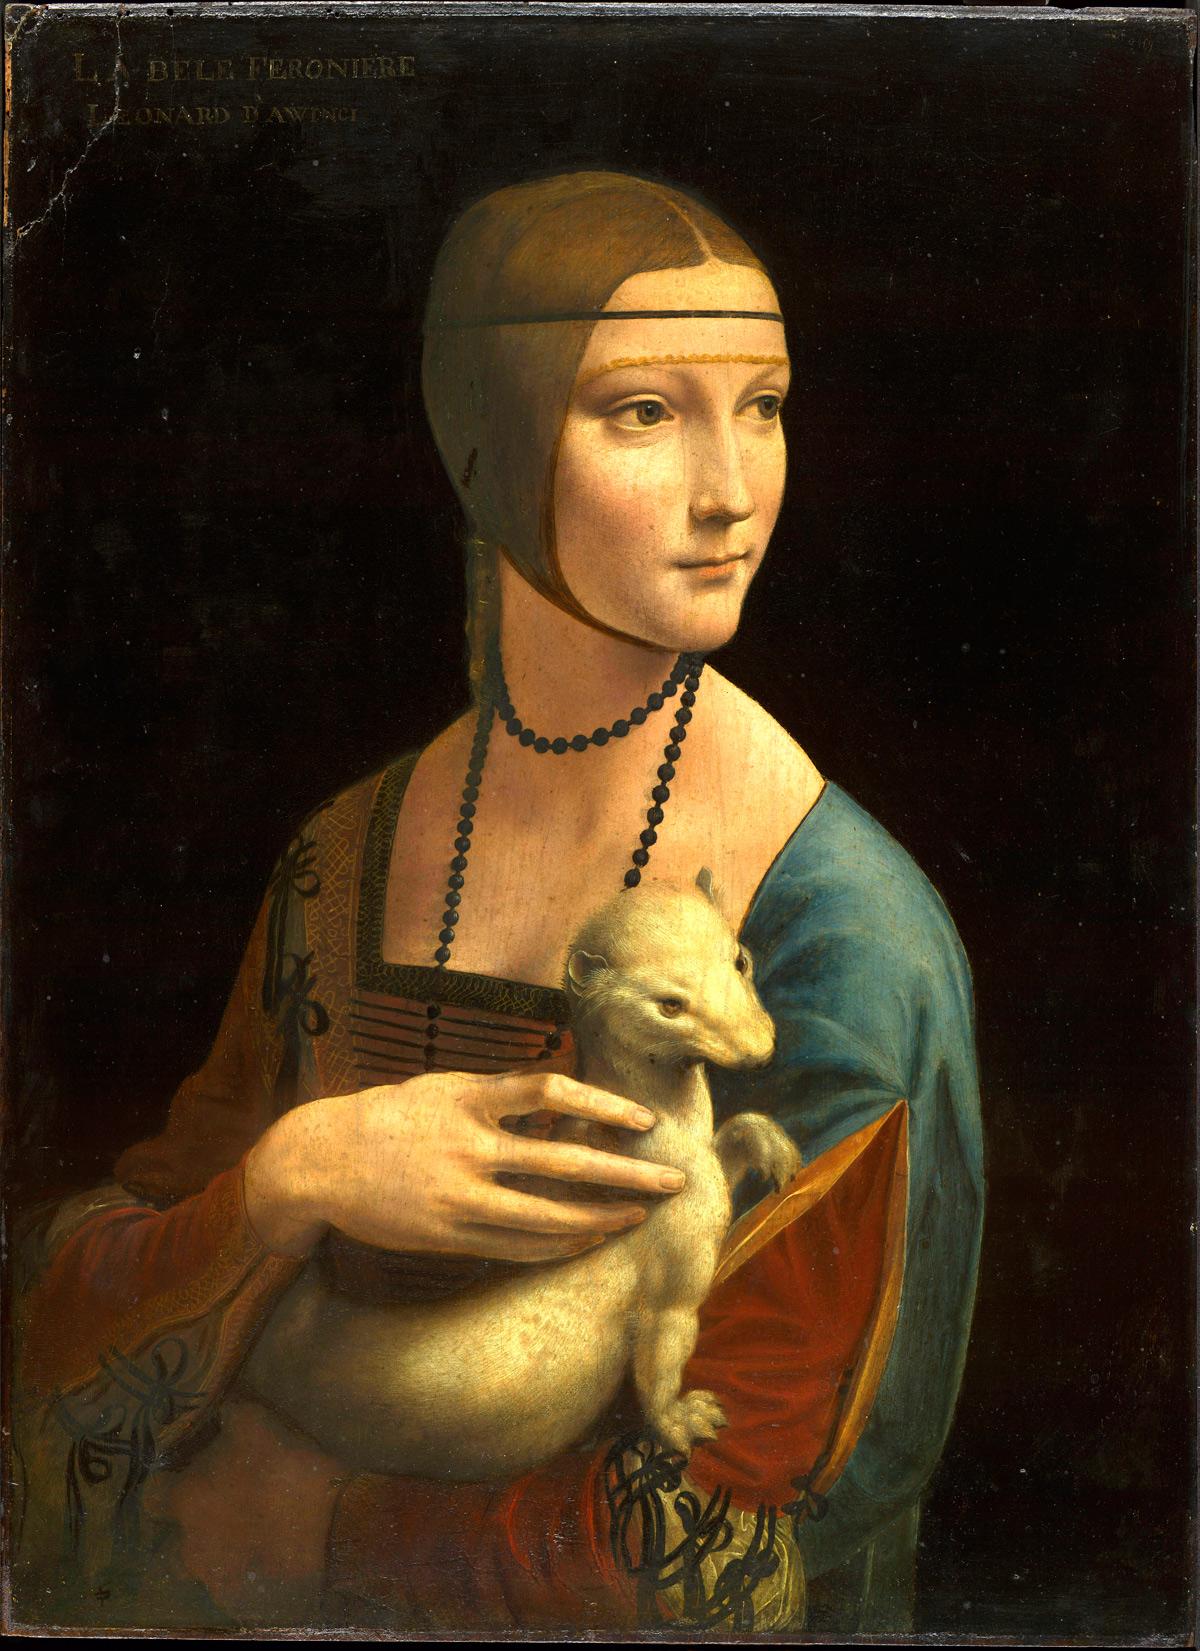 Leonardo da Vinci, Dama con l'ermellino (1488-1490; olio su tavola, 54,8 x 40,3 cm; Cracovia, Museo Nazionale di Cracovia)